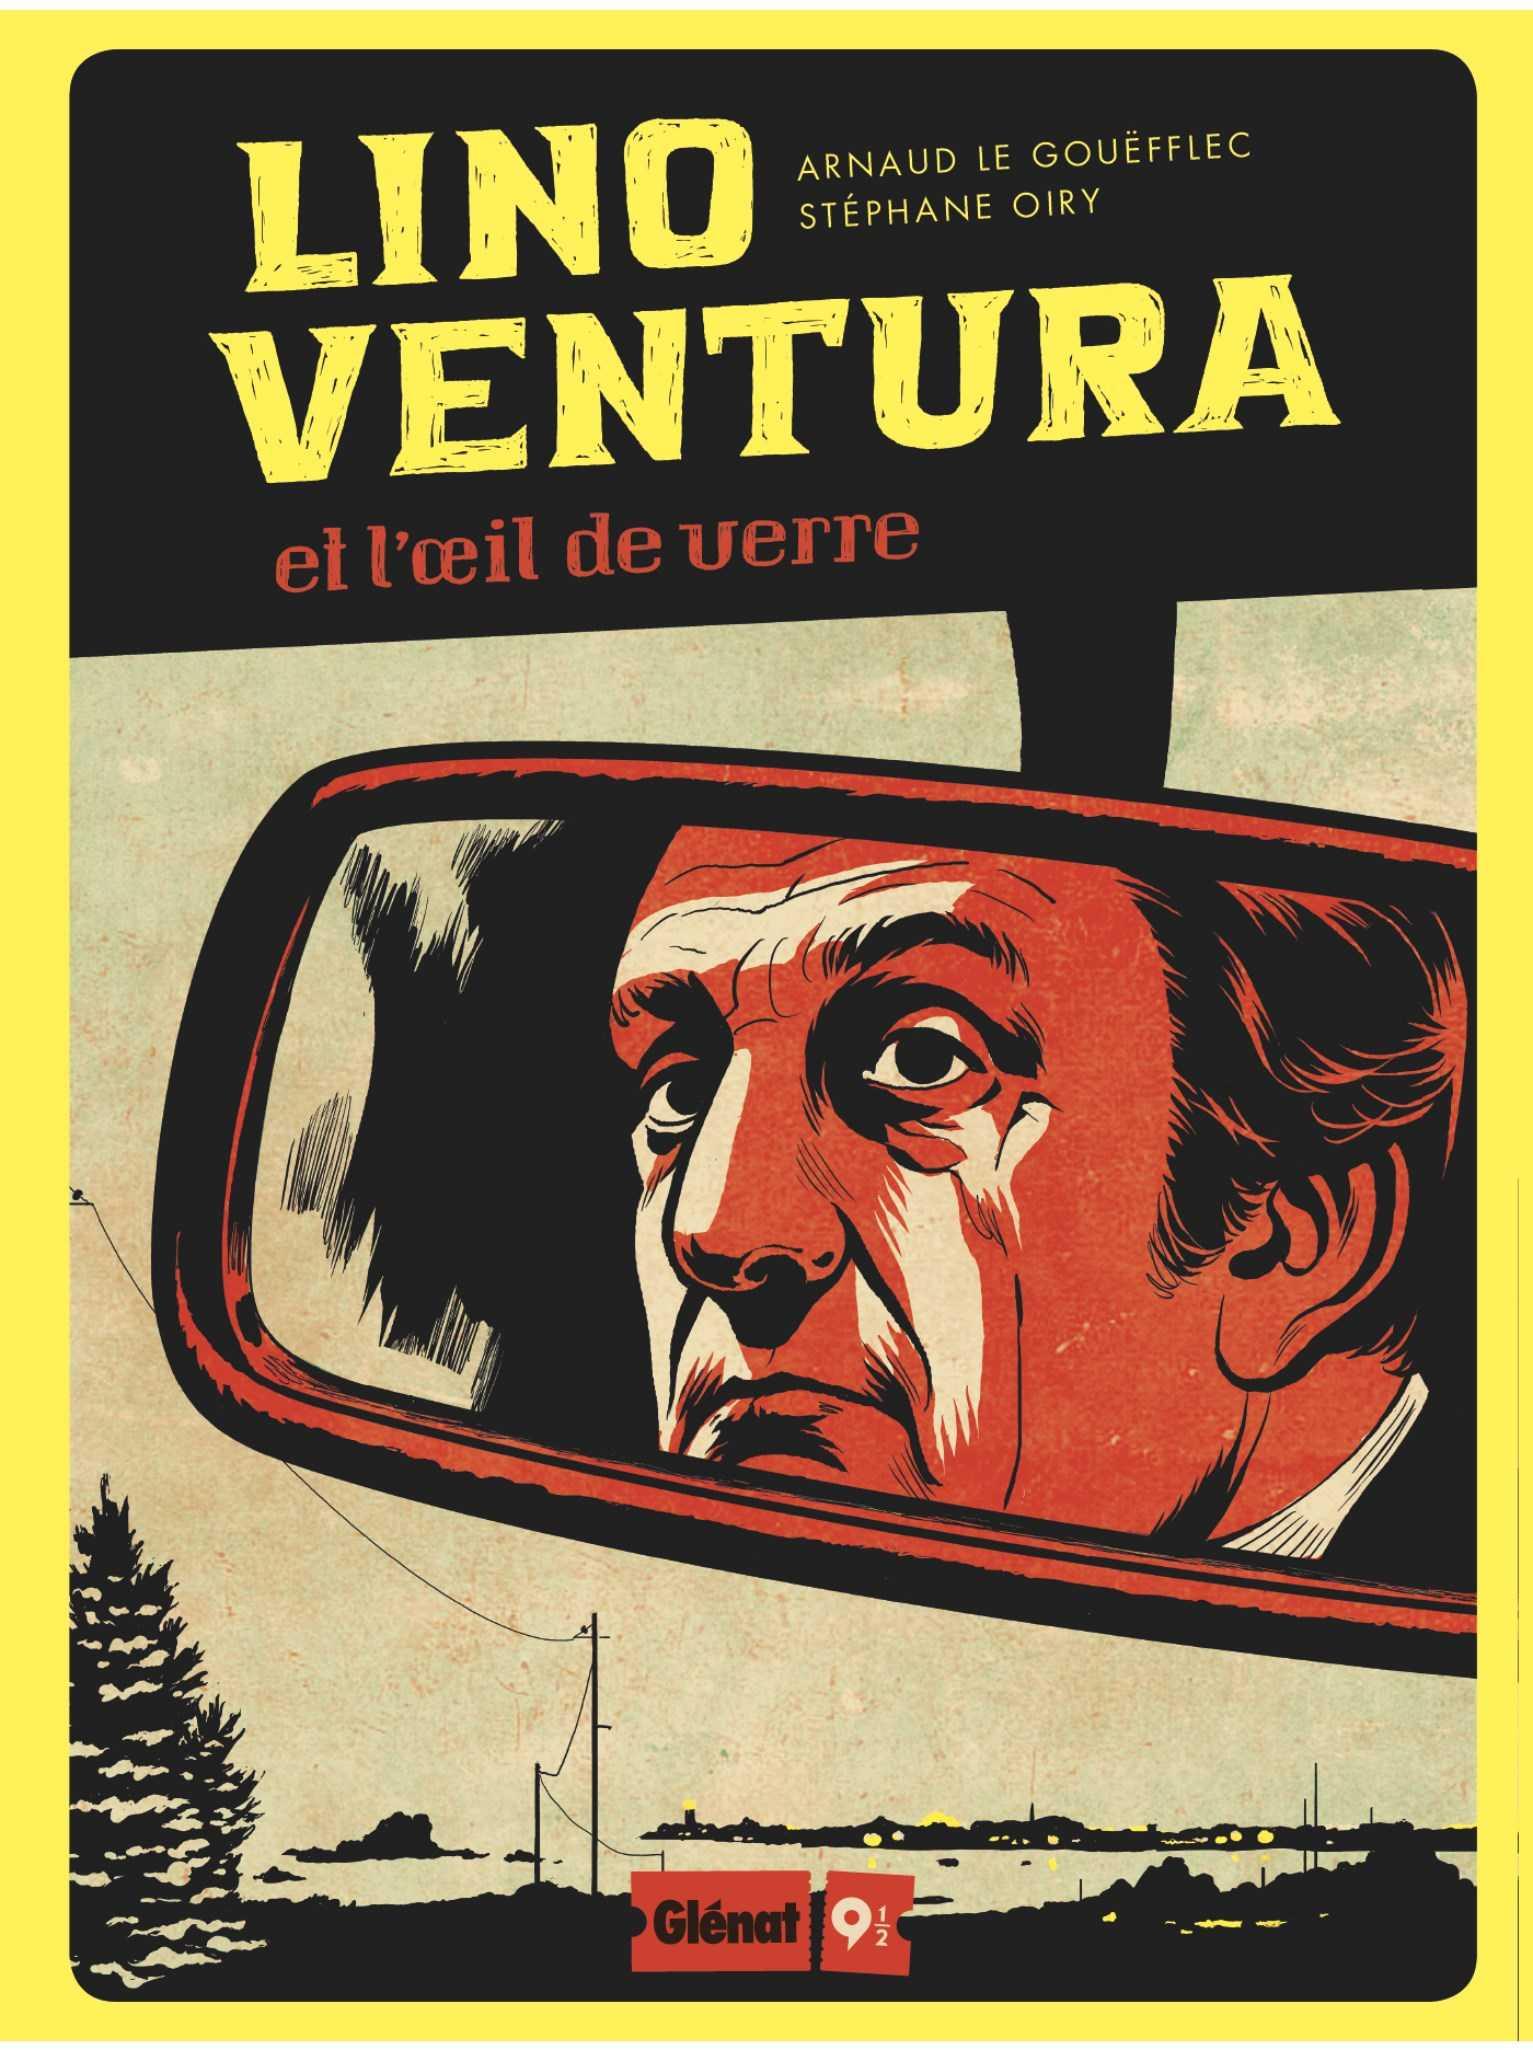 Lino Ventura, une petite tête de Parmesan